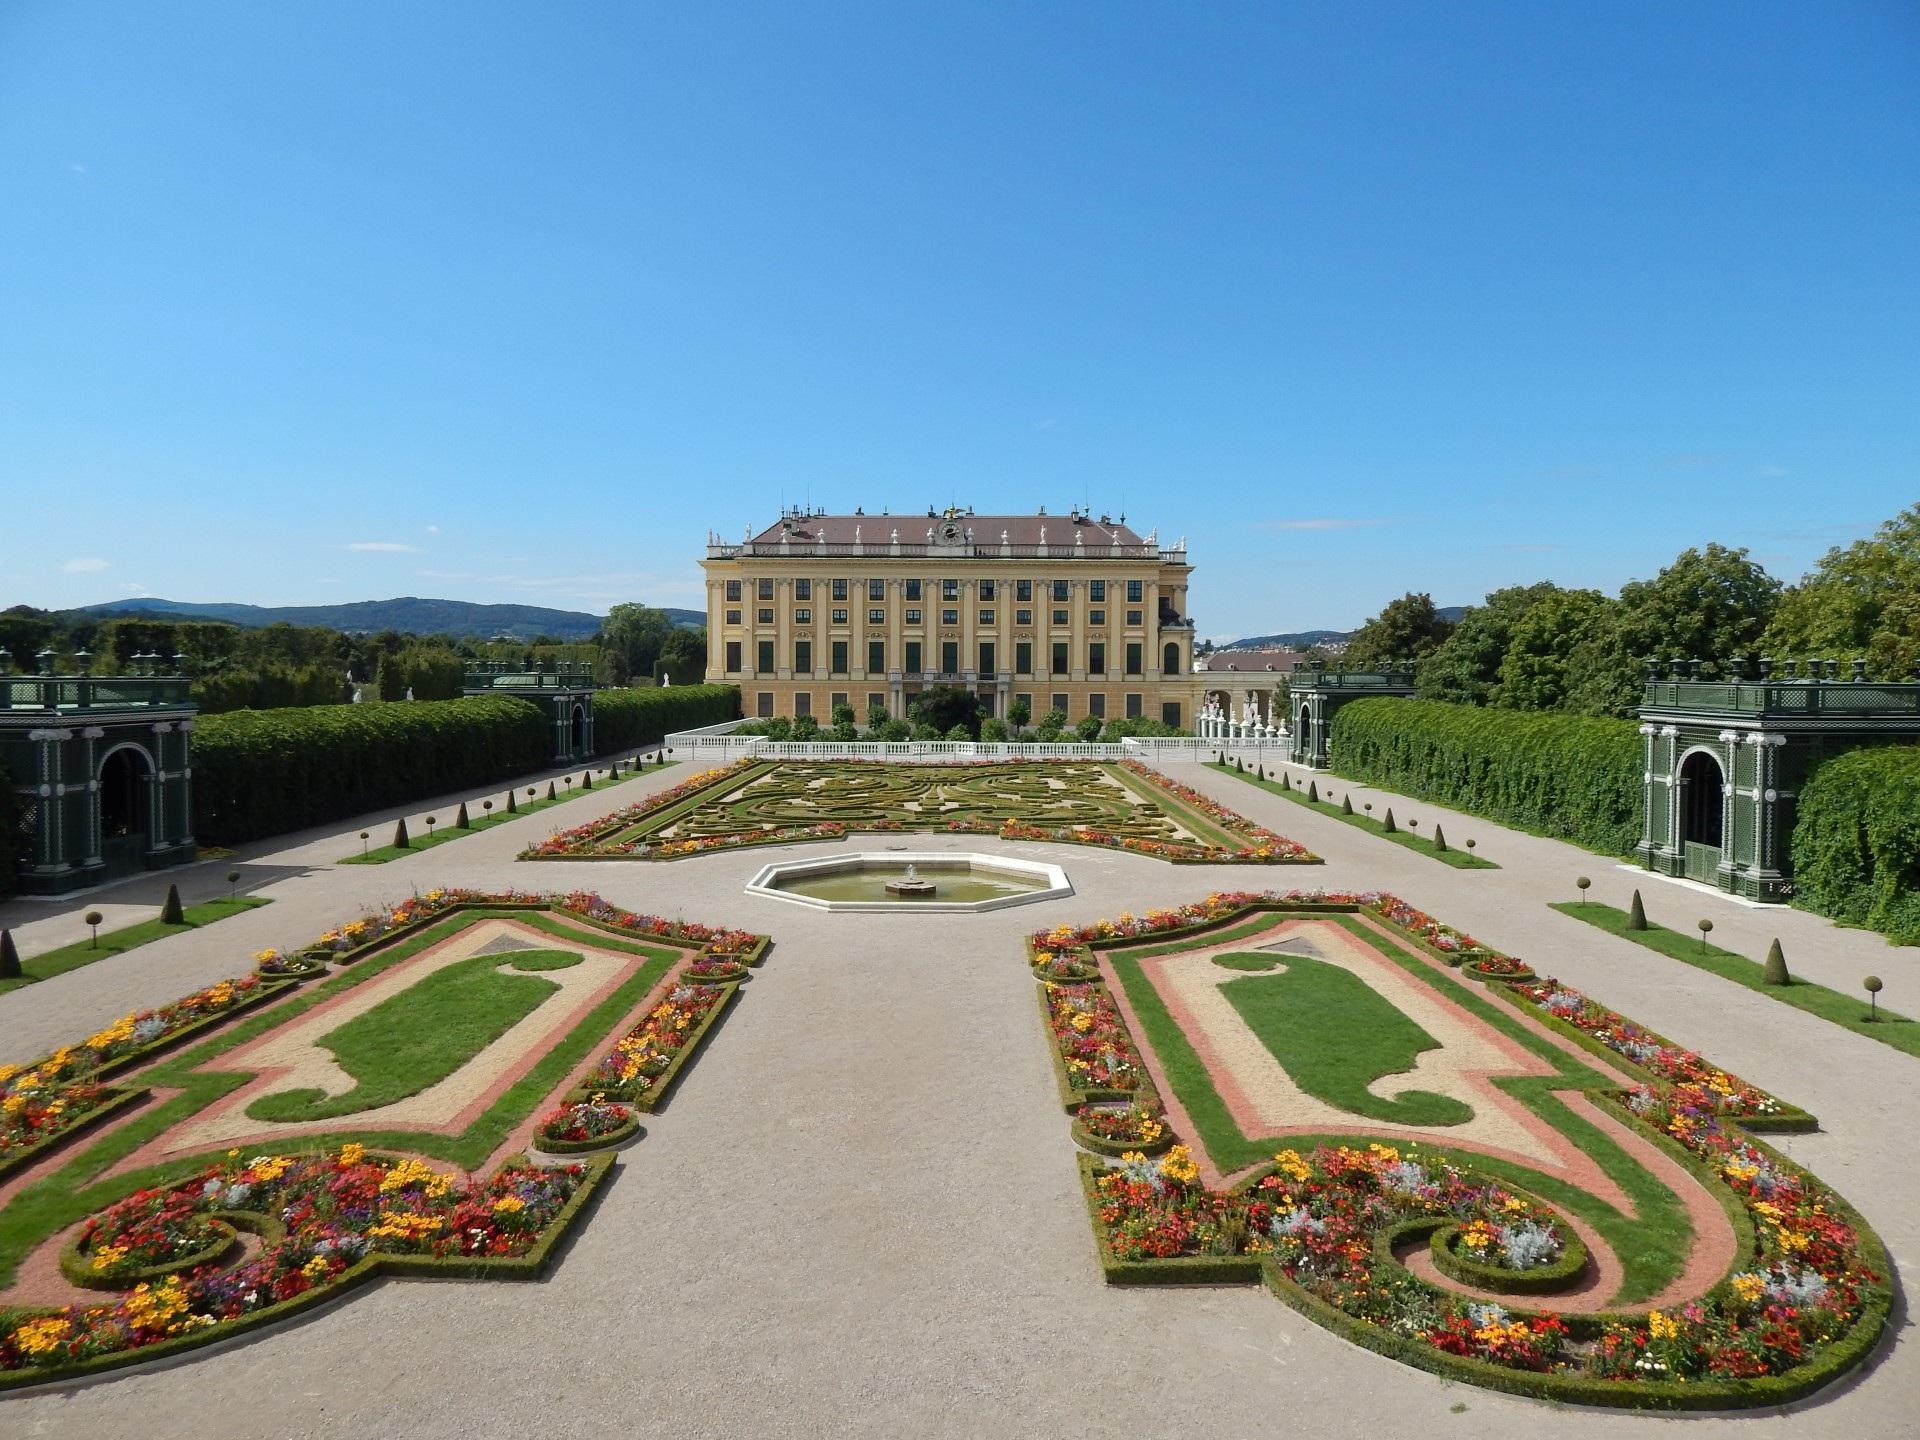 The park at Schönbrunn Palace, Vienna